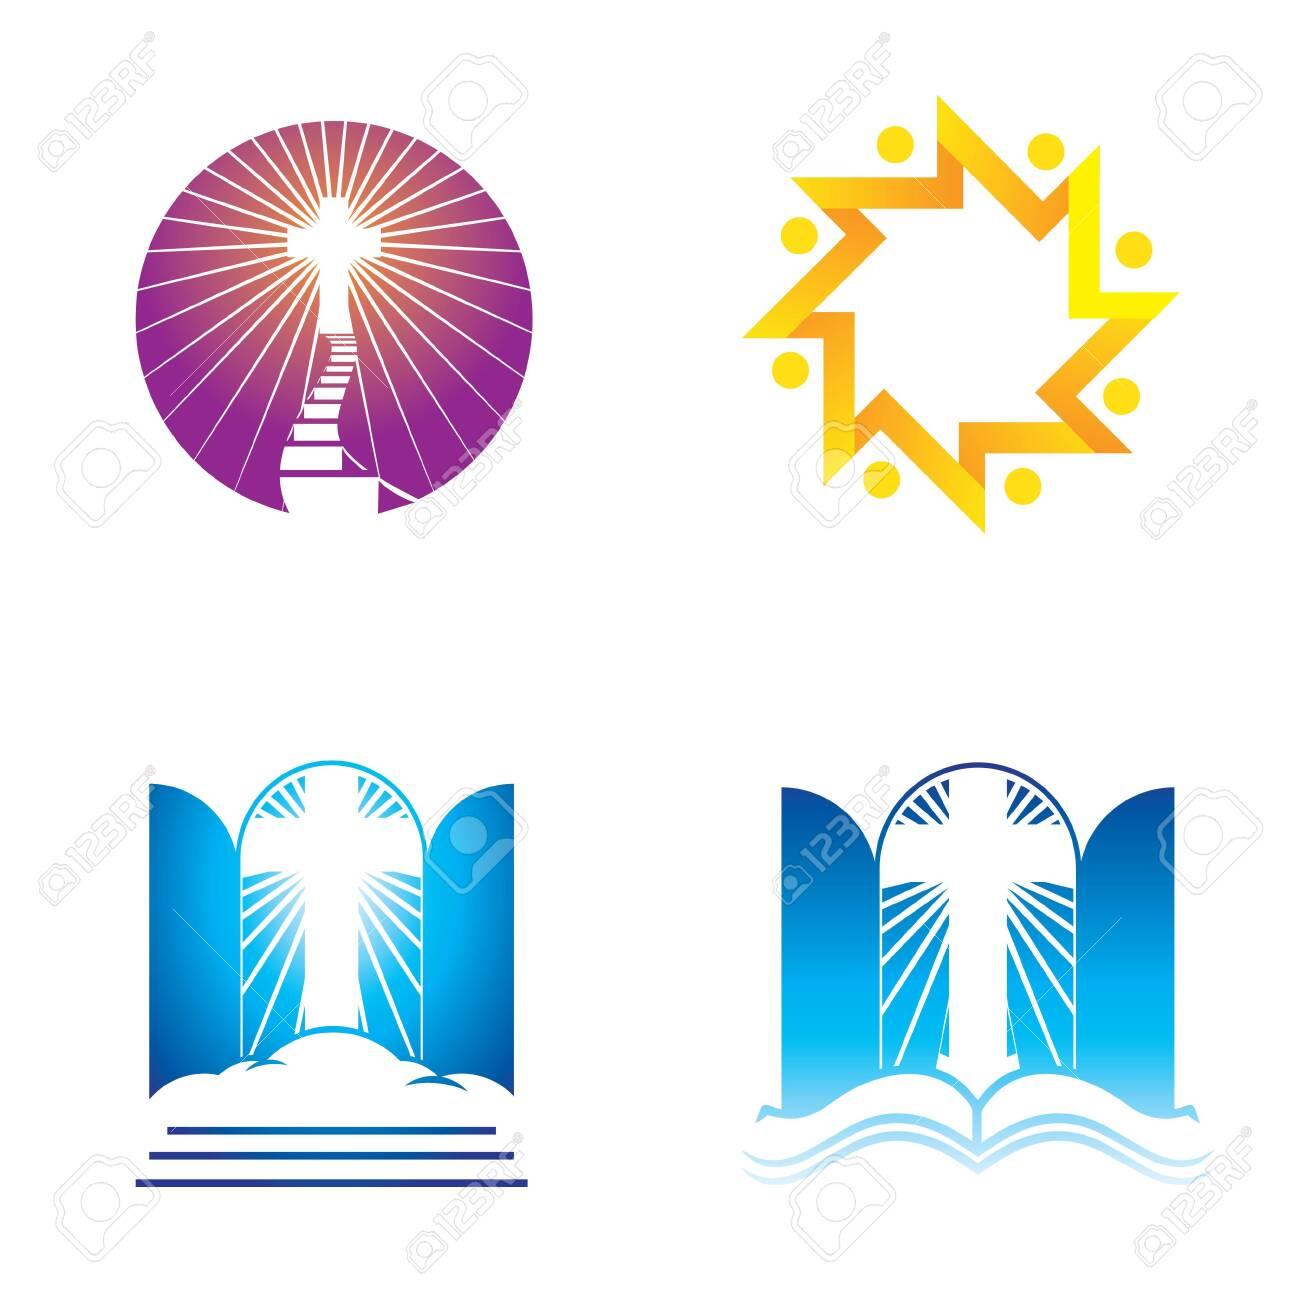 Church, Religion and Faith icons - 129793914